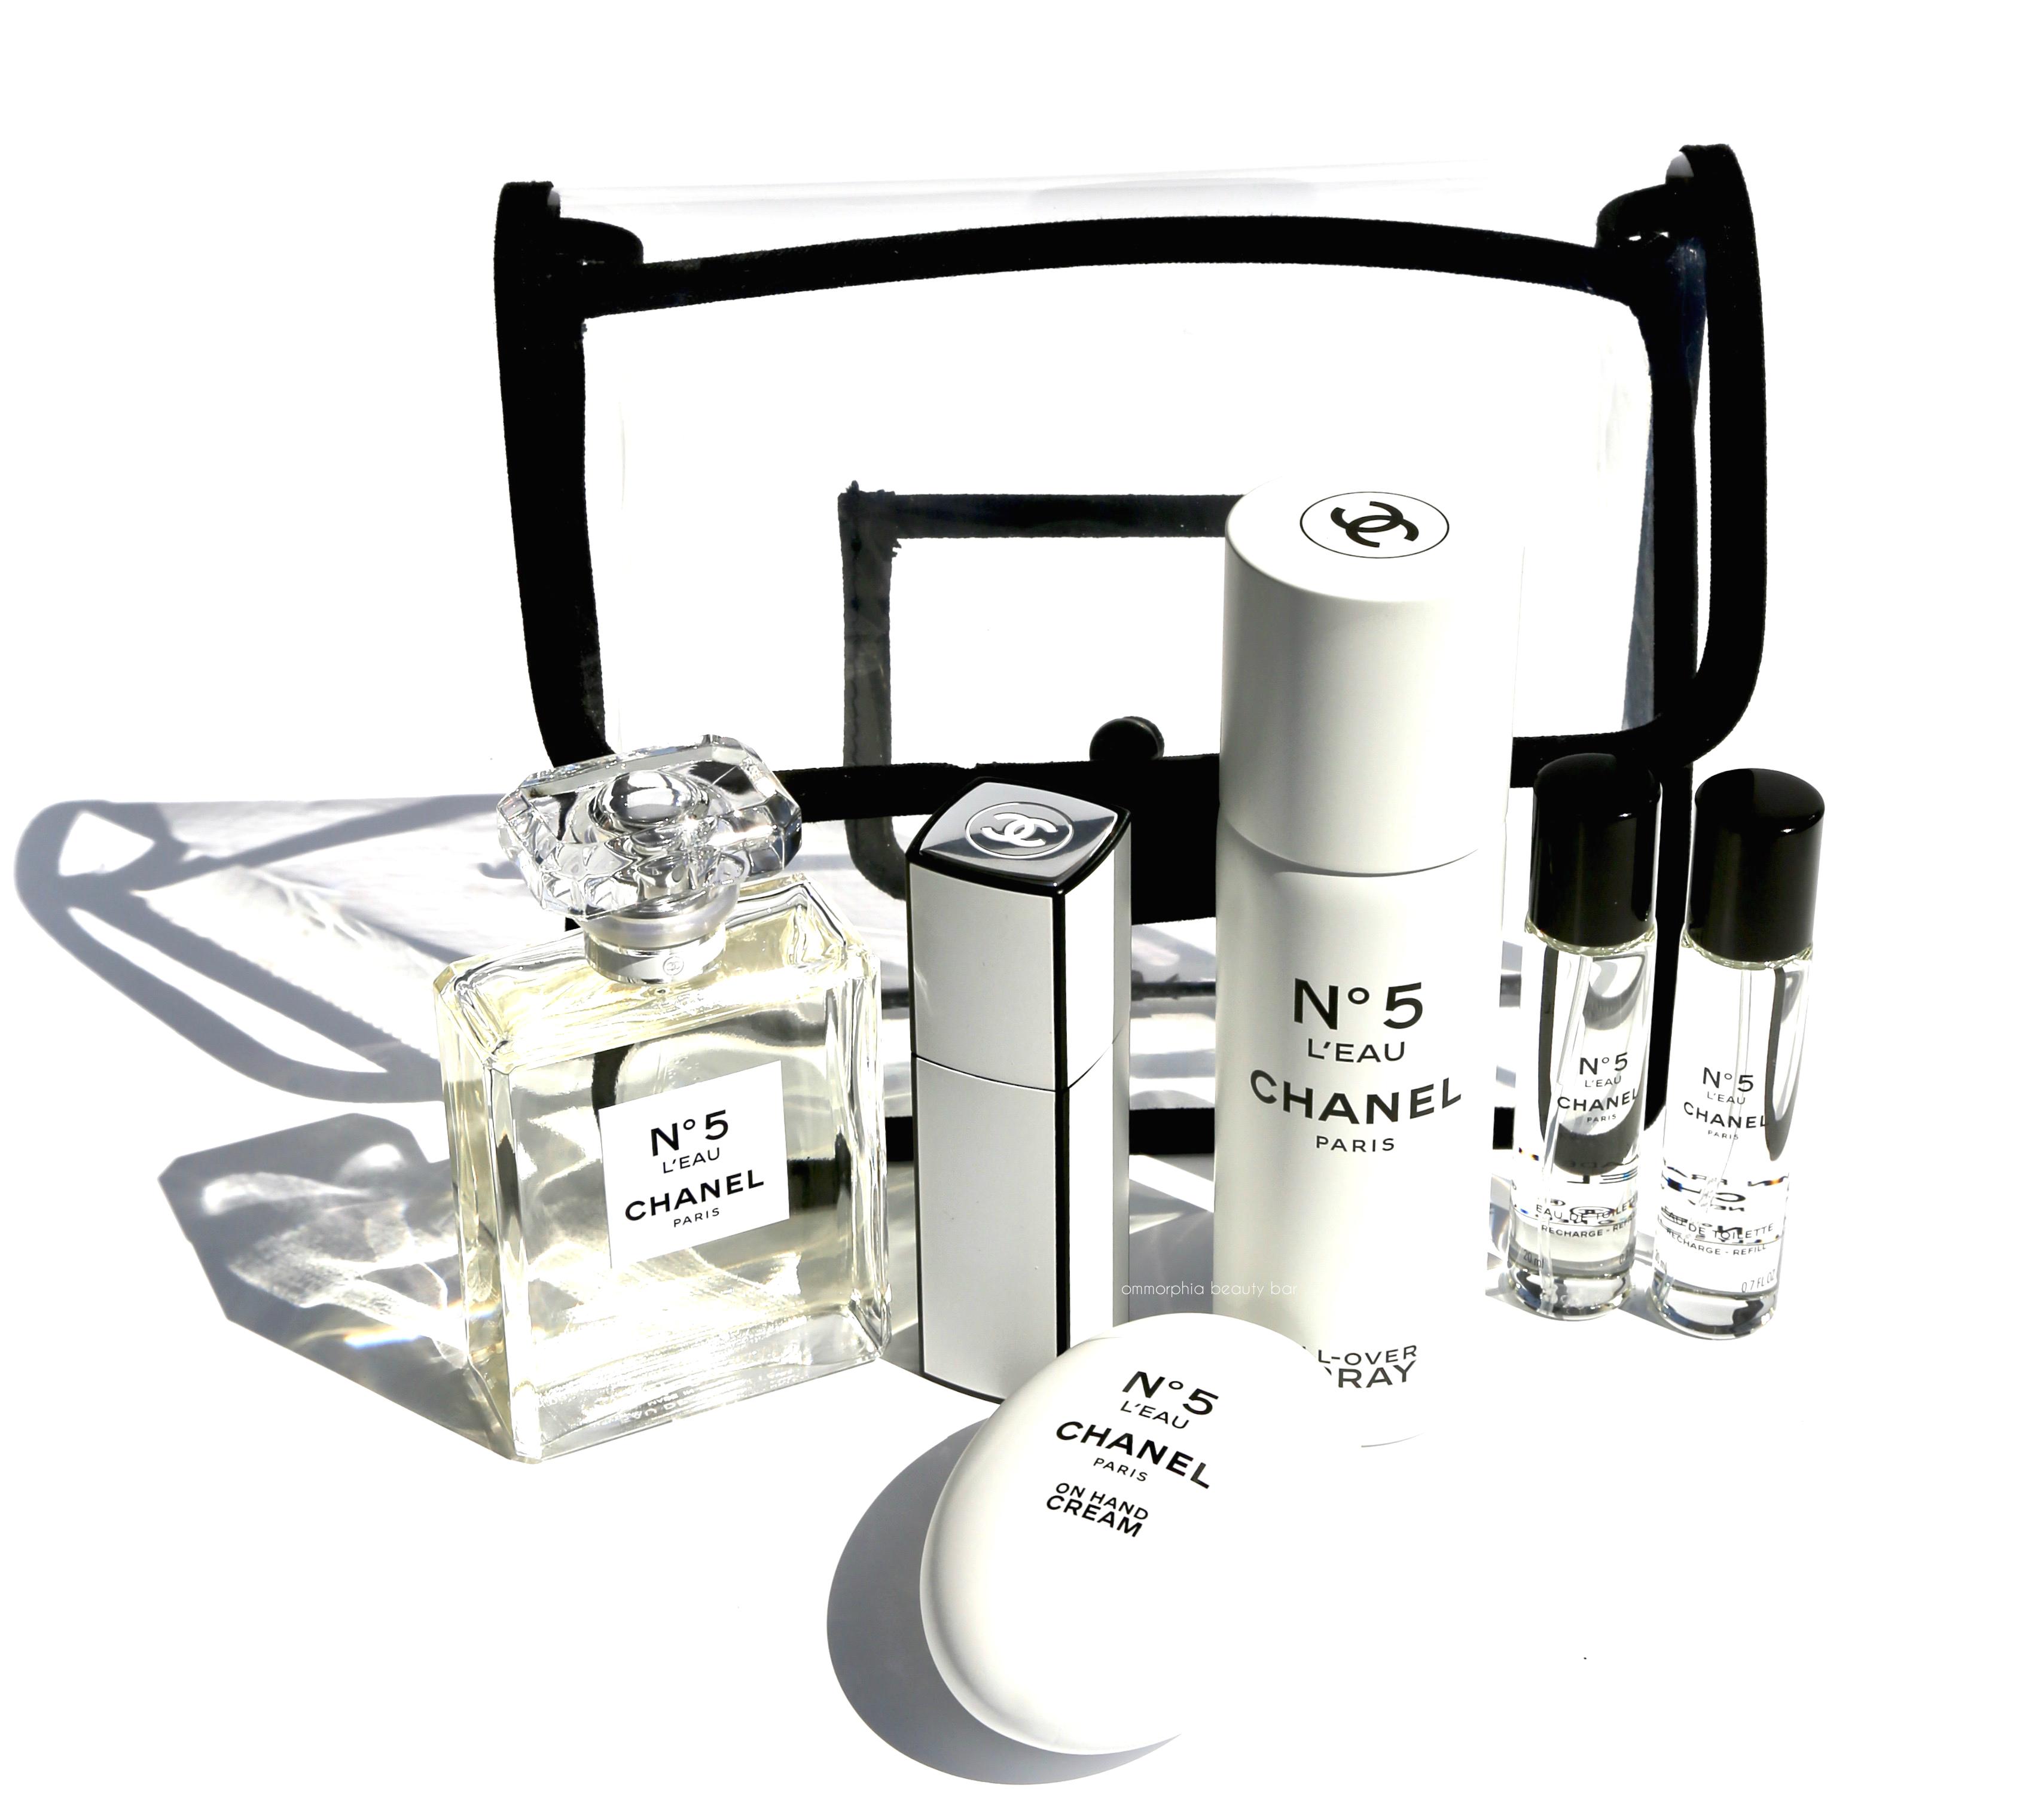 8426bc887a CHANEL · Nº5 L'Eau All-Over Spray & On Hand Cream | ommorphia beauty bar